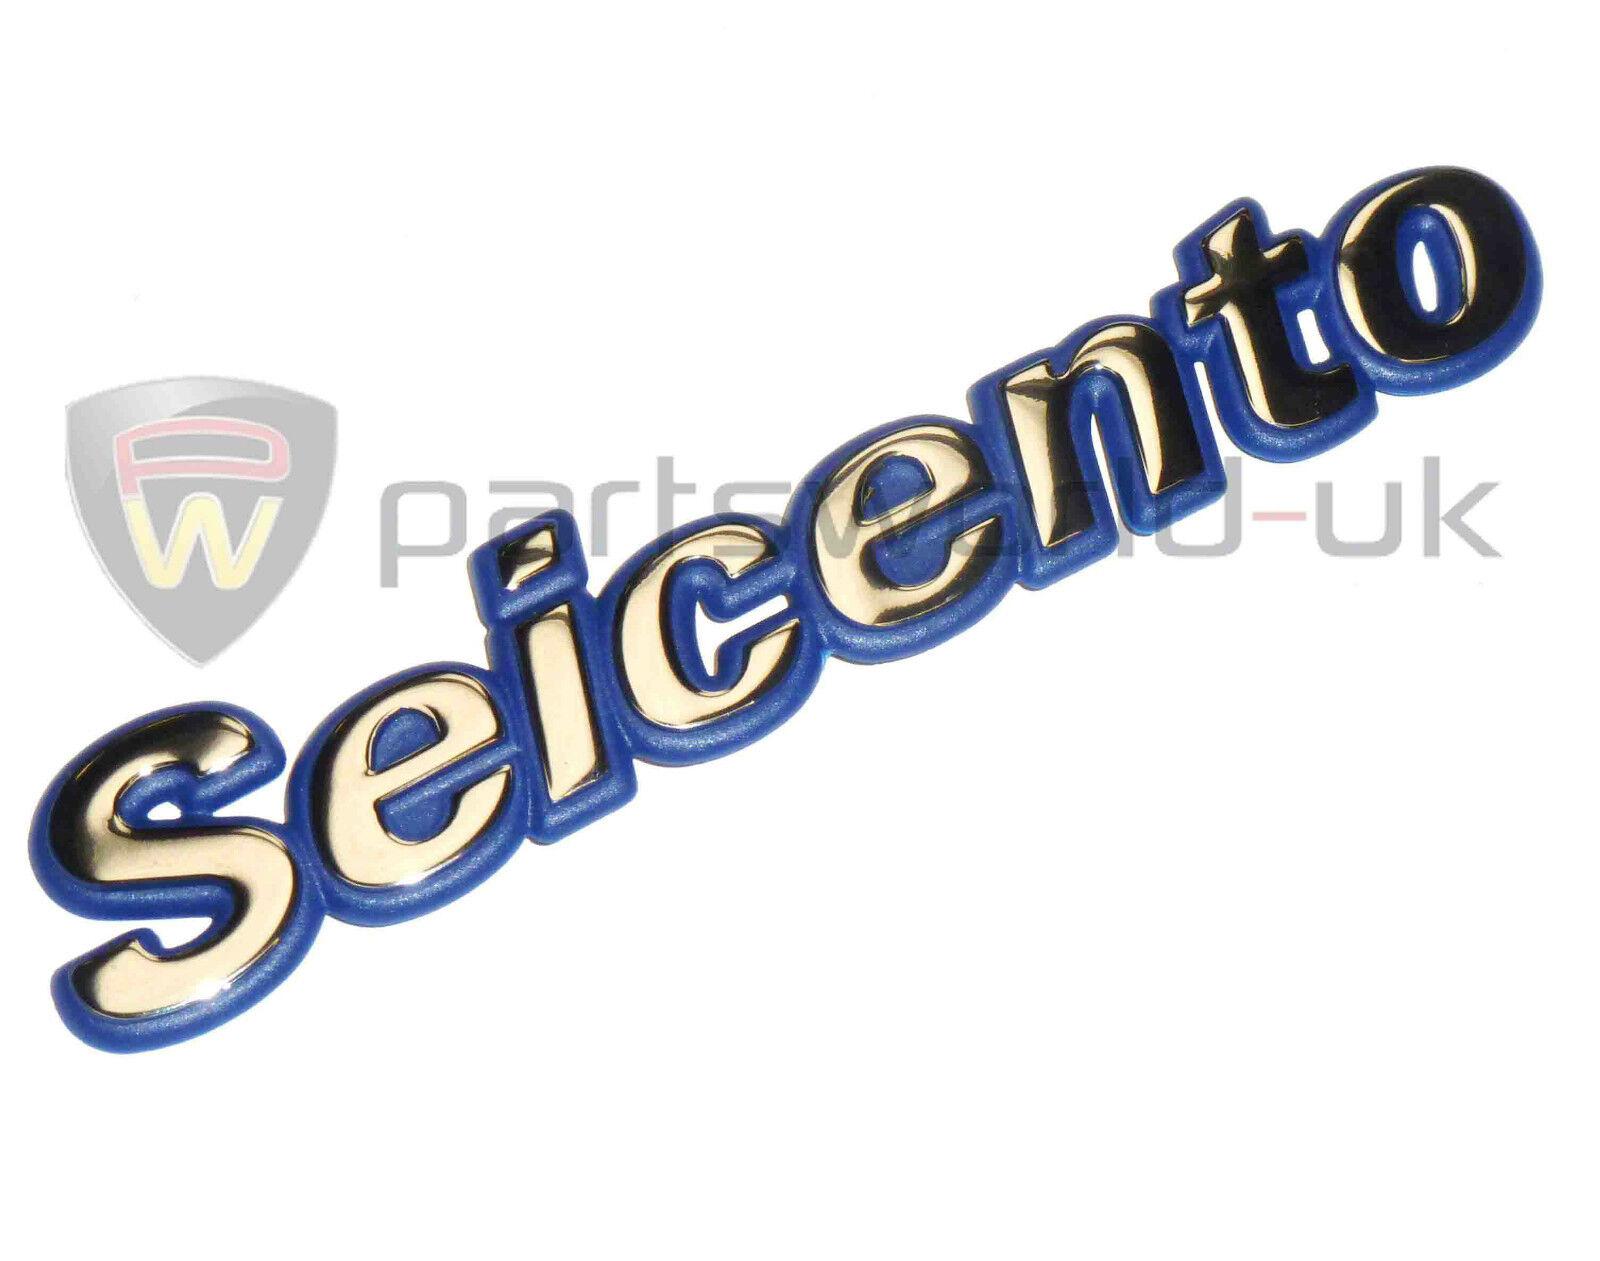 Genuine New FIAT SEICENTO 2TONE REAR DECAL Stemma 1998-2002 Models LE SE